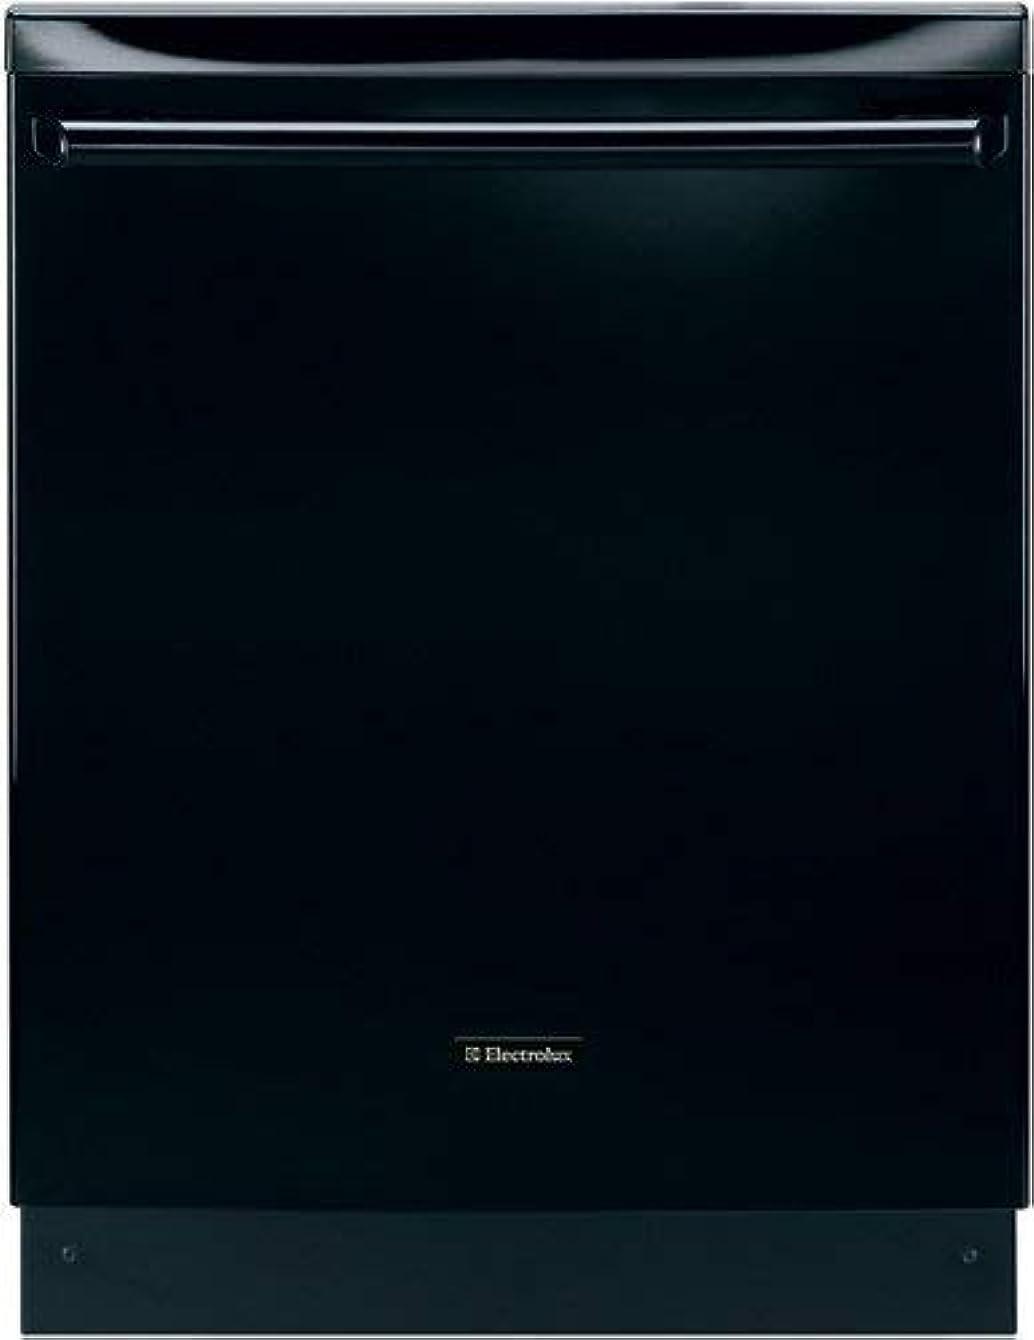 Electrolux EIDW6105GB 24